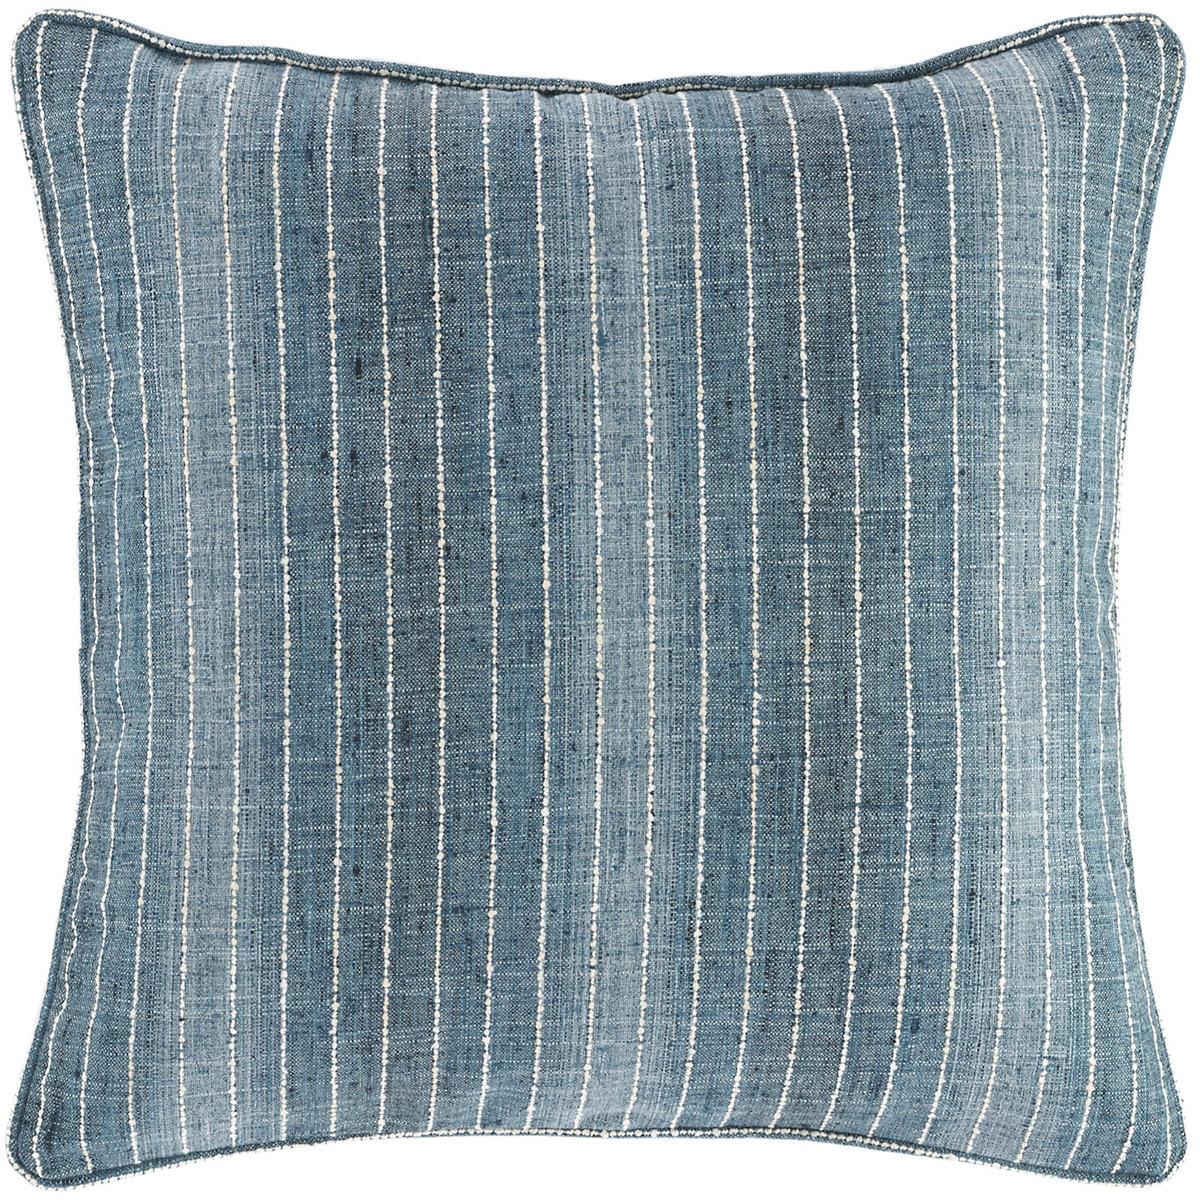 Phoenix Indigo Indoor/Outdoor Decorative Pillow